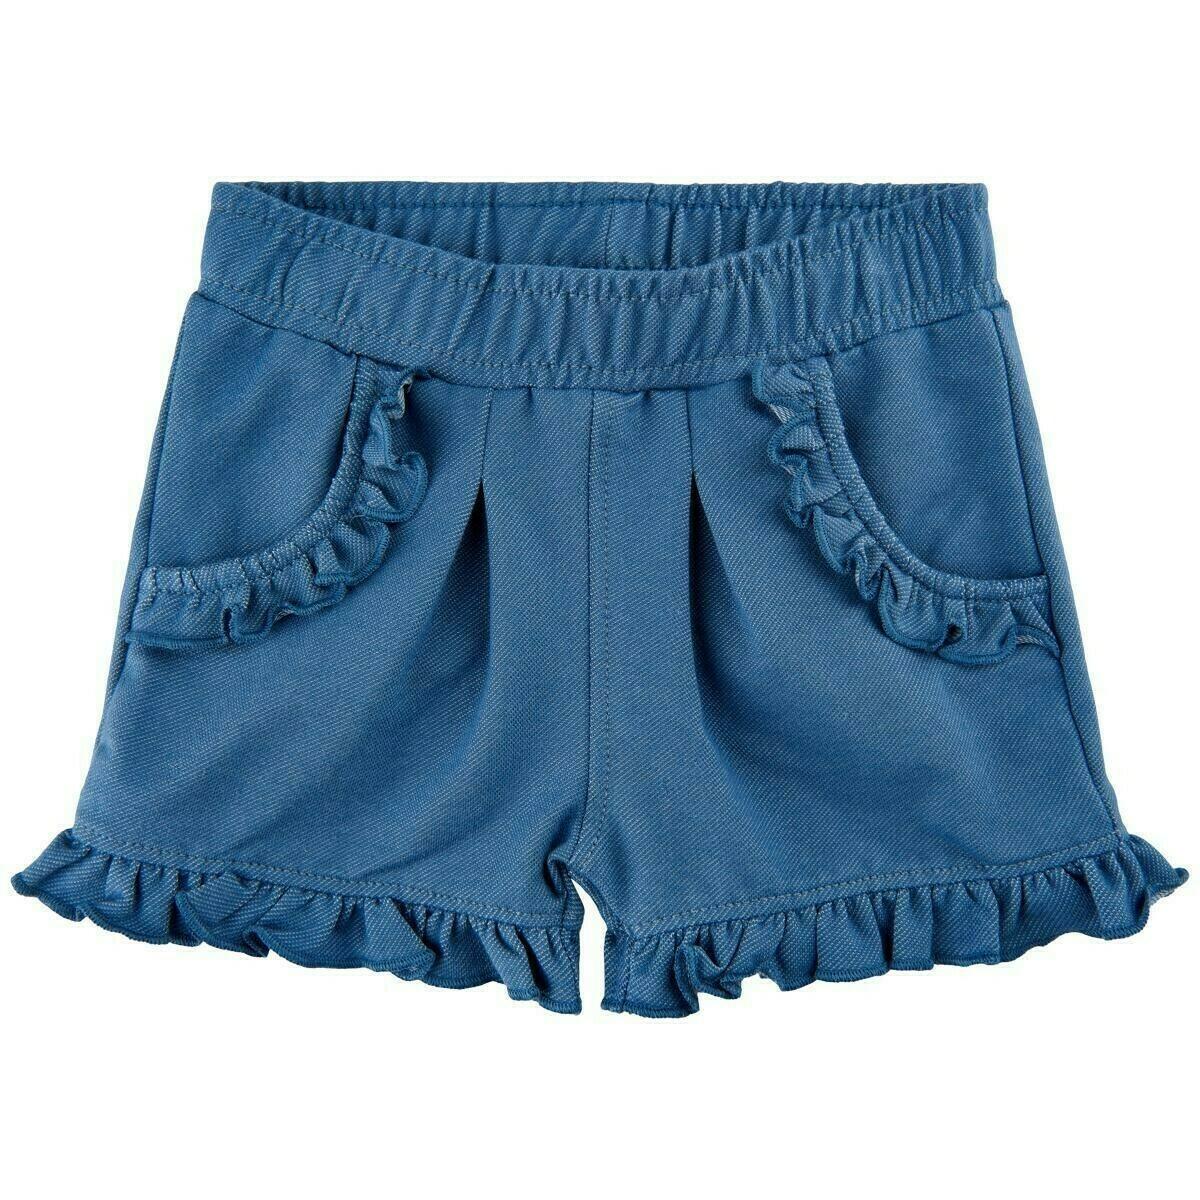 Minymo- Baby Girl Medium Blue Denim Shorts 1105